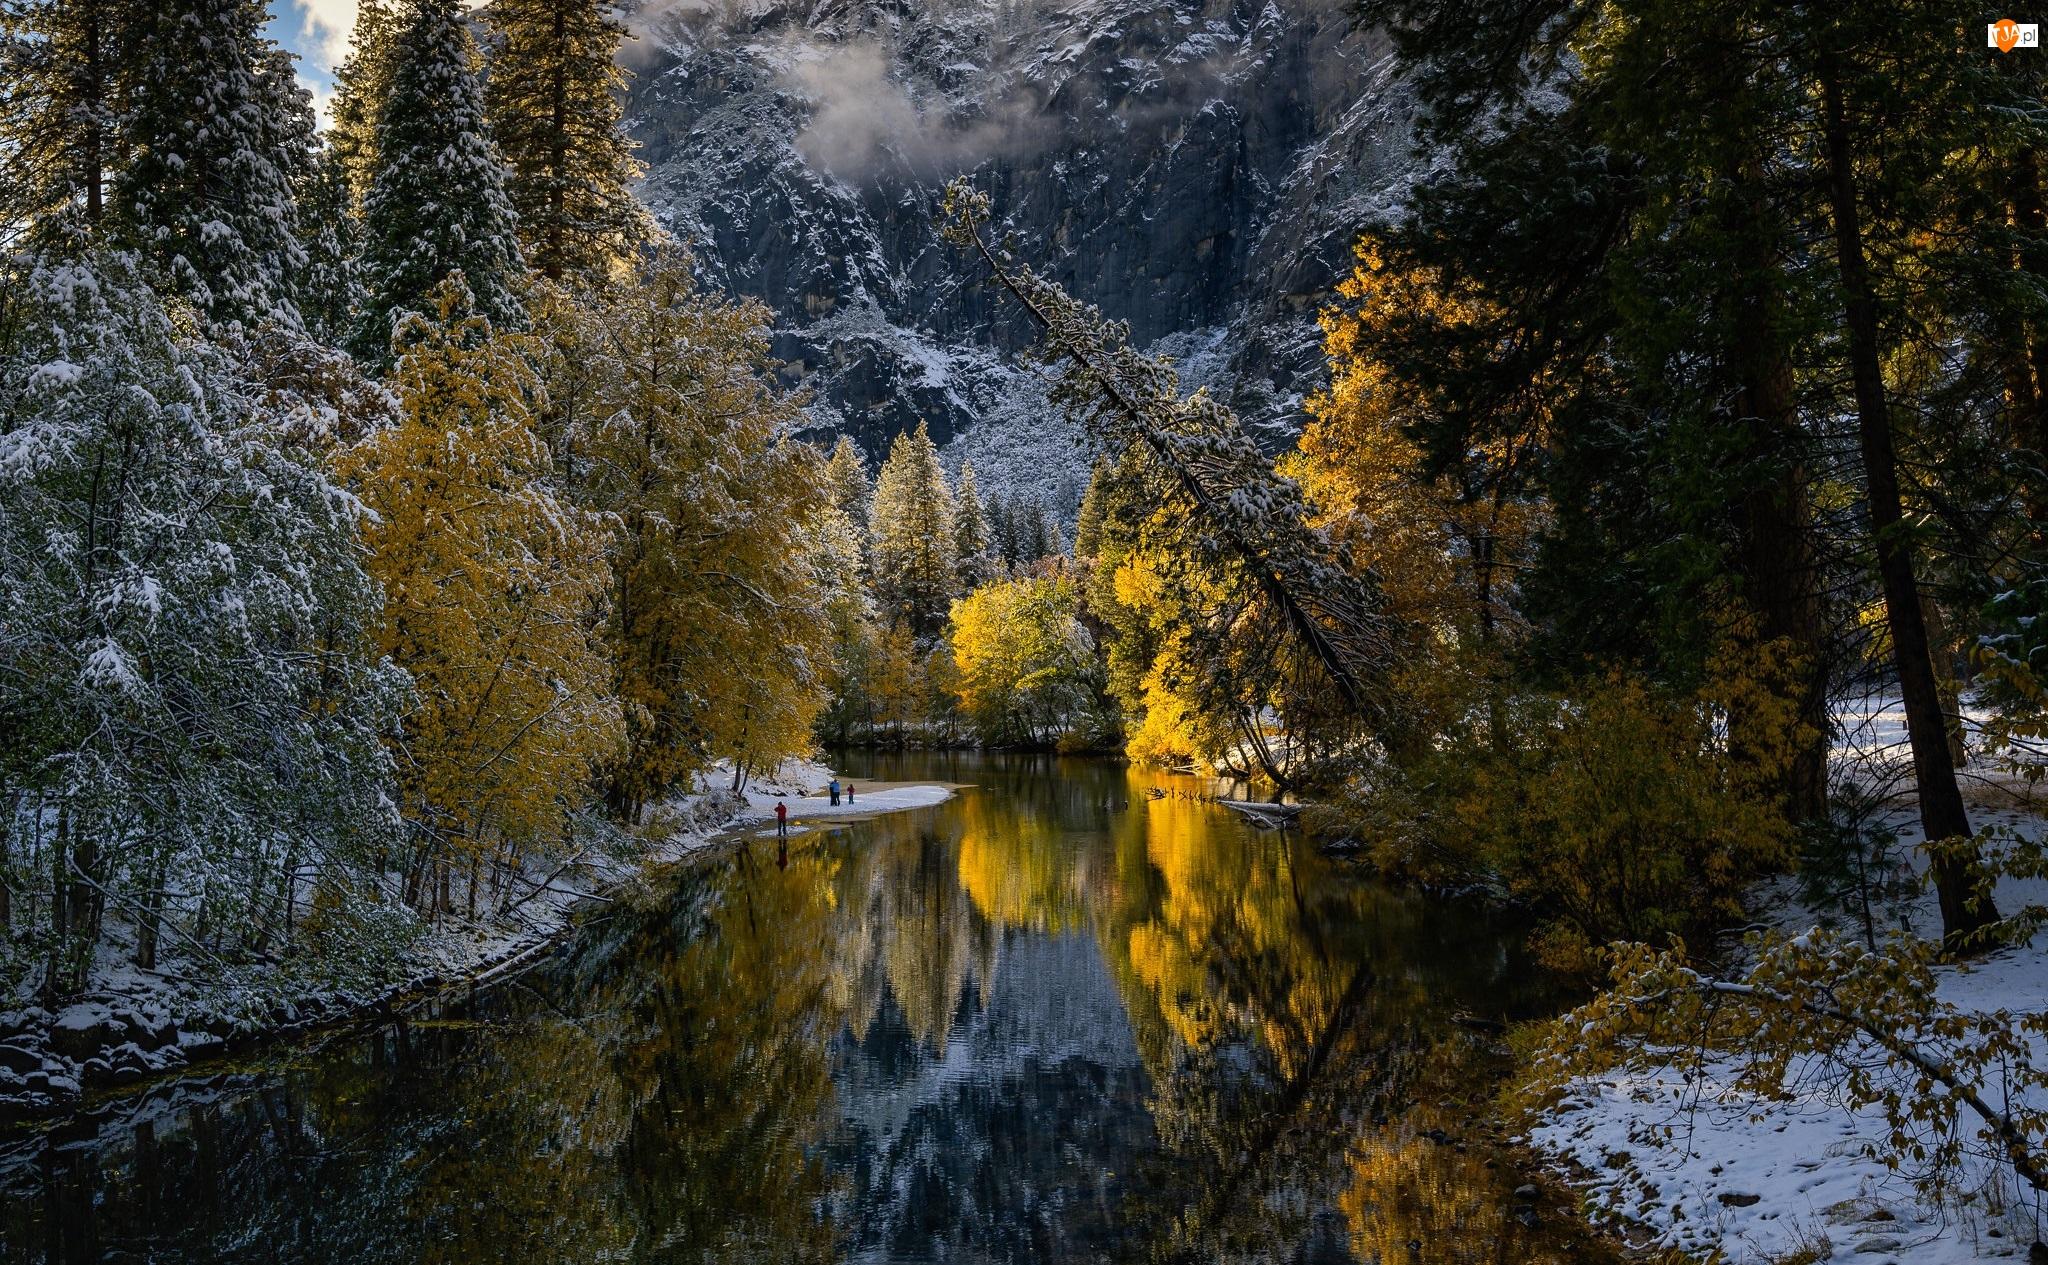 Stany Zjednoczone, Drzewa, Stan Kalifornia, Śnieg, Góry, Rzeka, Merced River, Jesień, Park Narodowy Yosemite